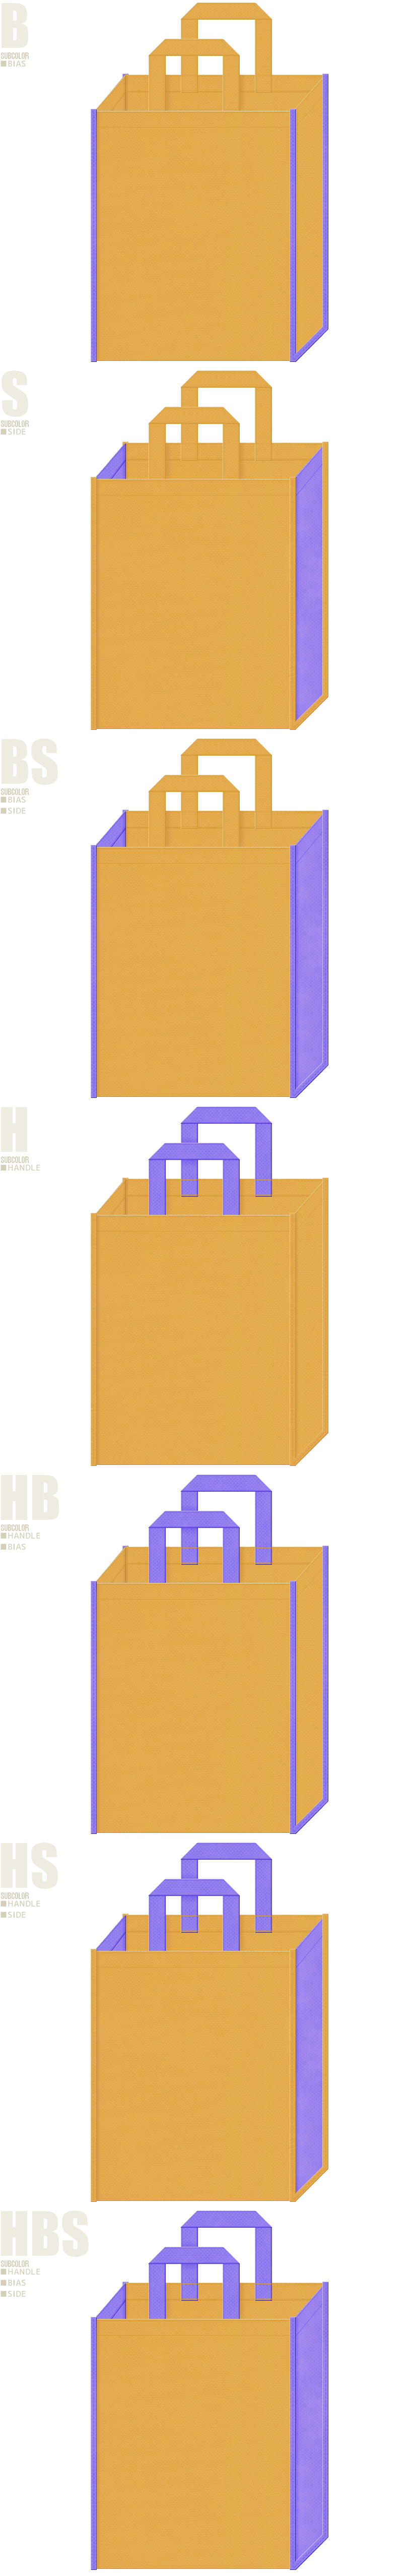 不織布バッグのデザイン:黄土色と薄紫色の配色7パターン